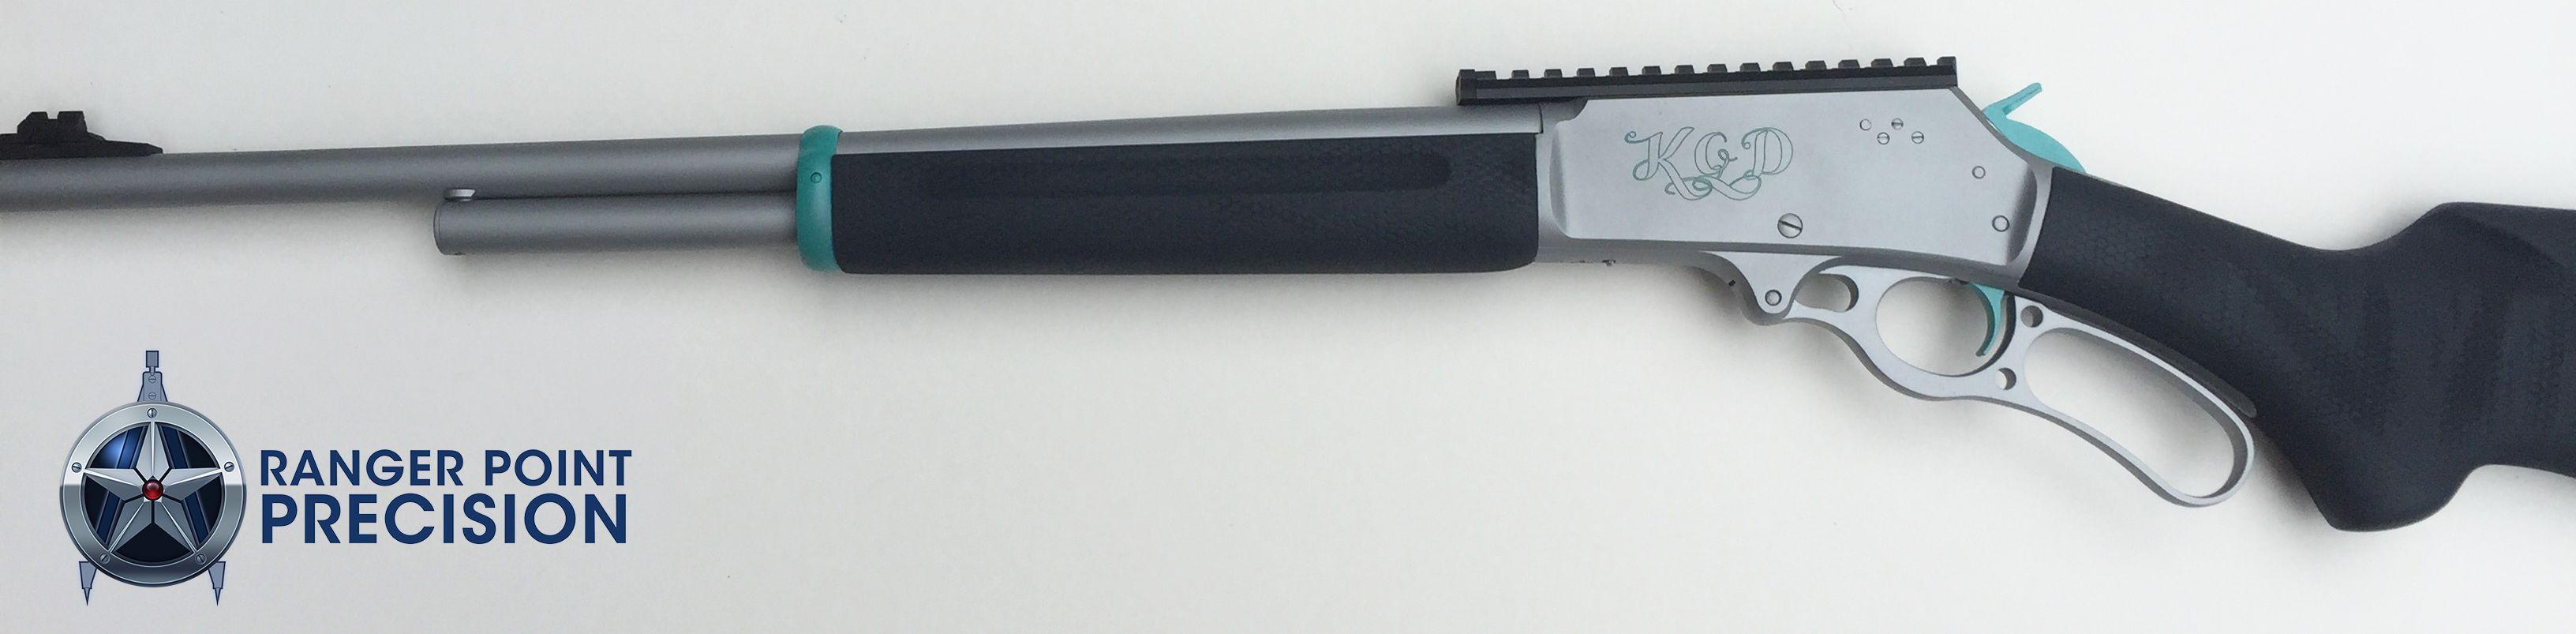 Vintage Remington 760 Rifle Parts